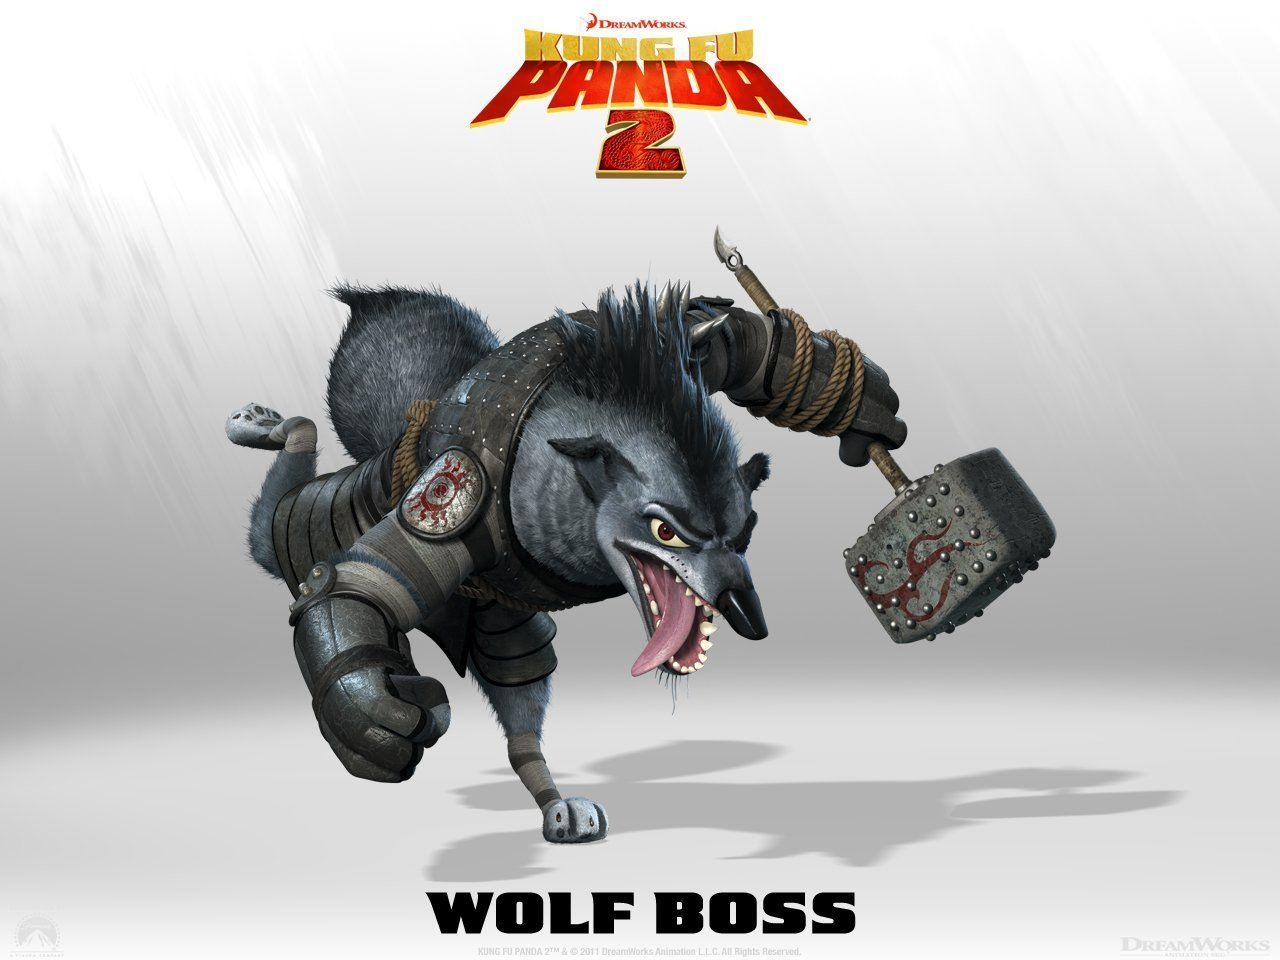 http://2.bp.blogspot.com/-qxUWOGYd2d4/TYgeTX2-OSI/AAAAAAAAAF8/4e0OKIU4RbE/s1600/Kung-Fu-Panda-2-Wallpaper-Wolf-Boss.jpg